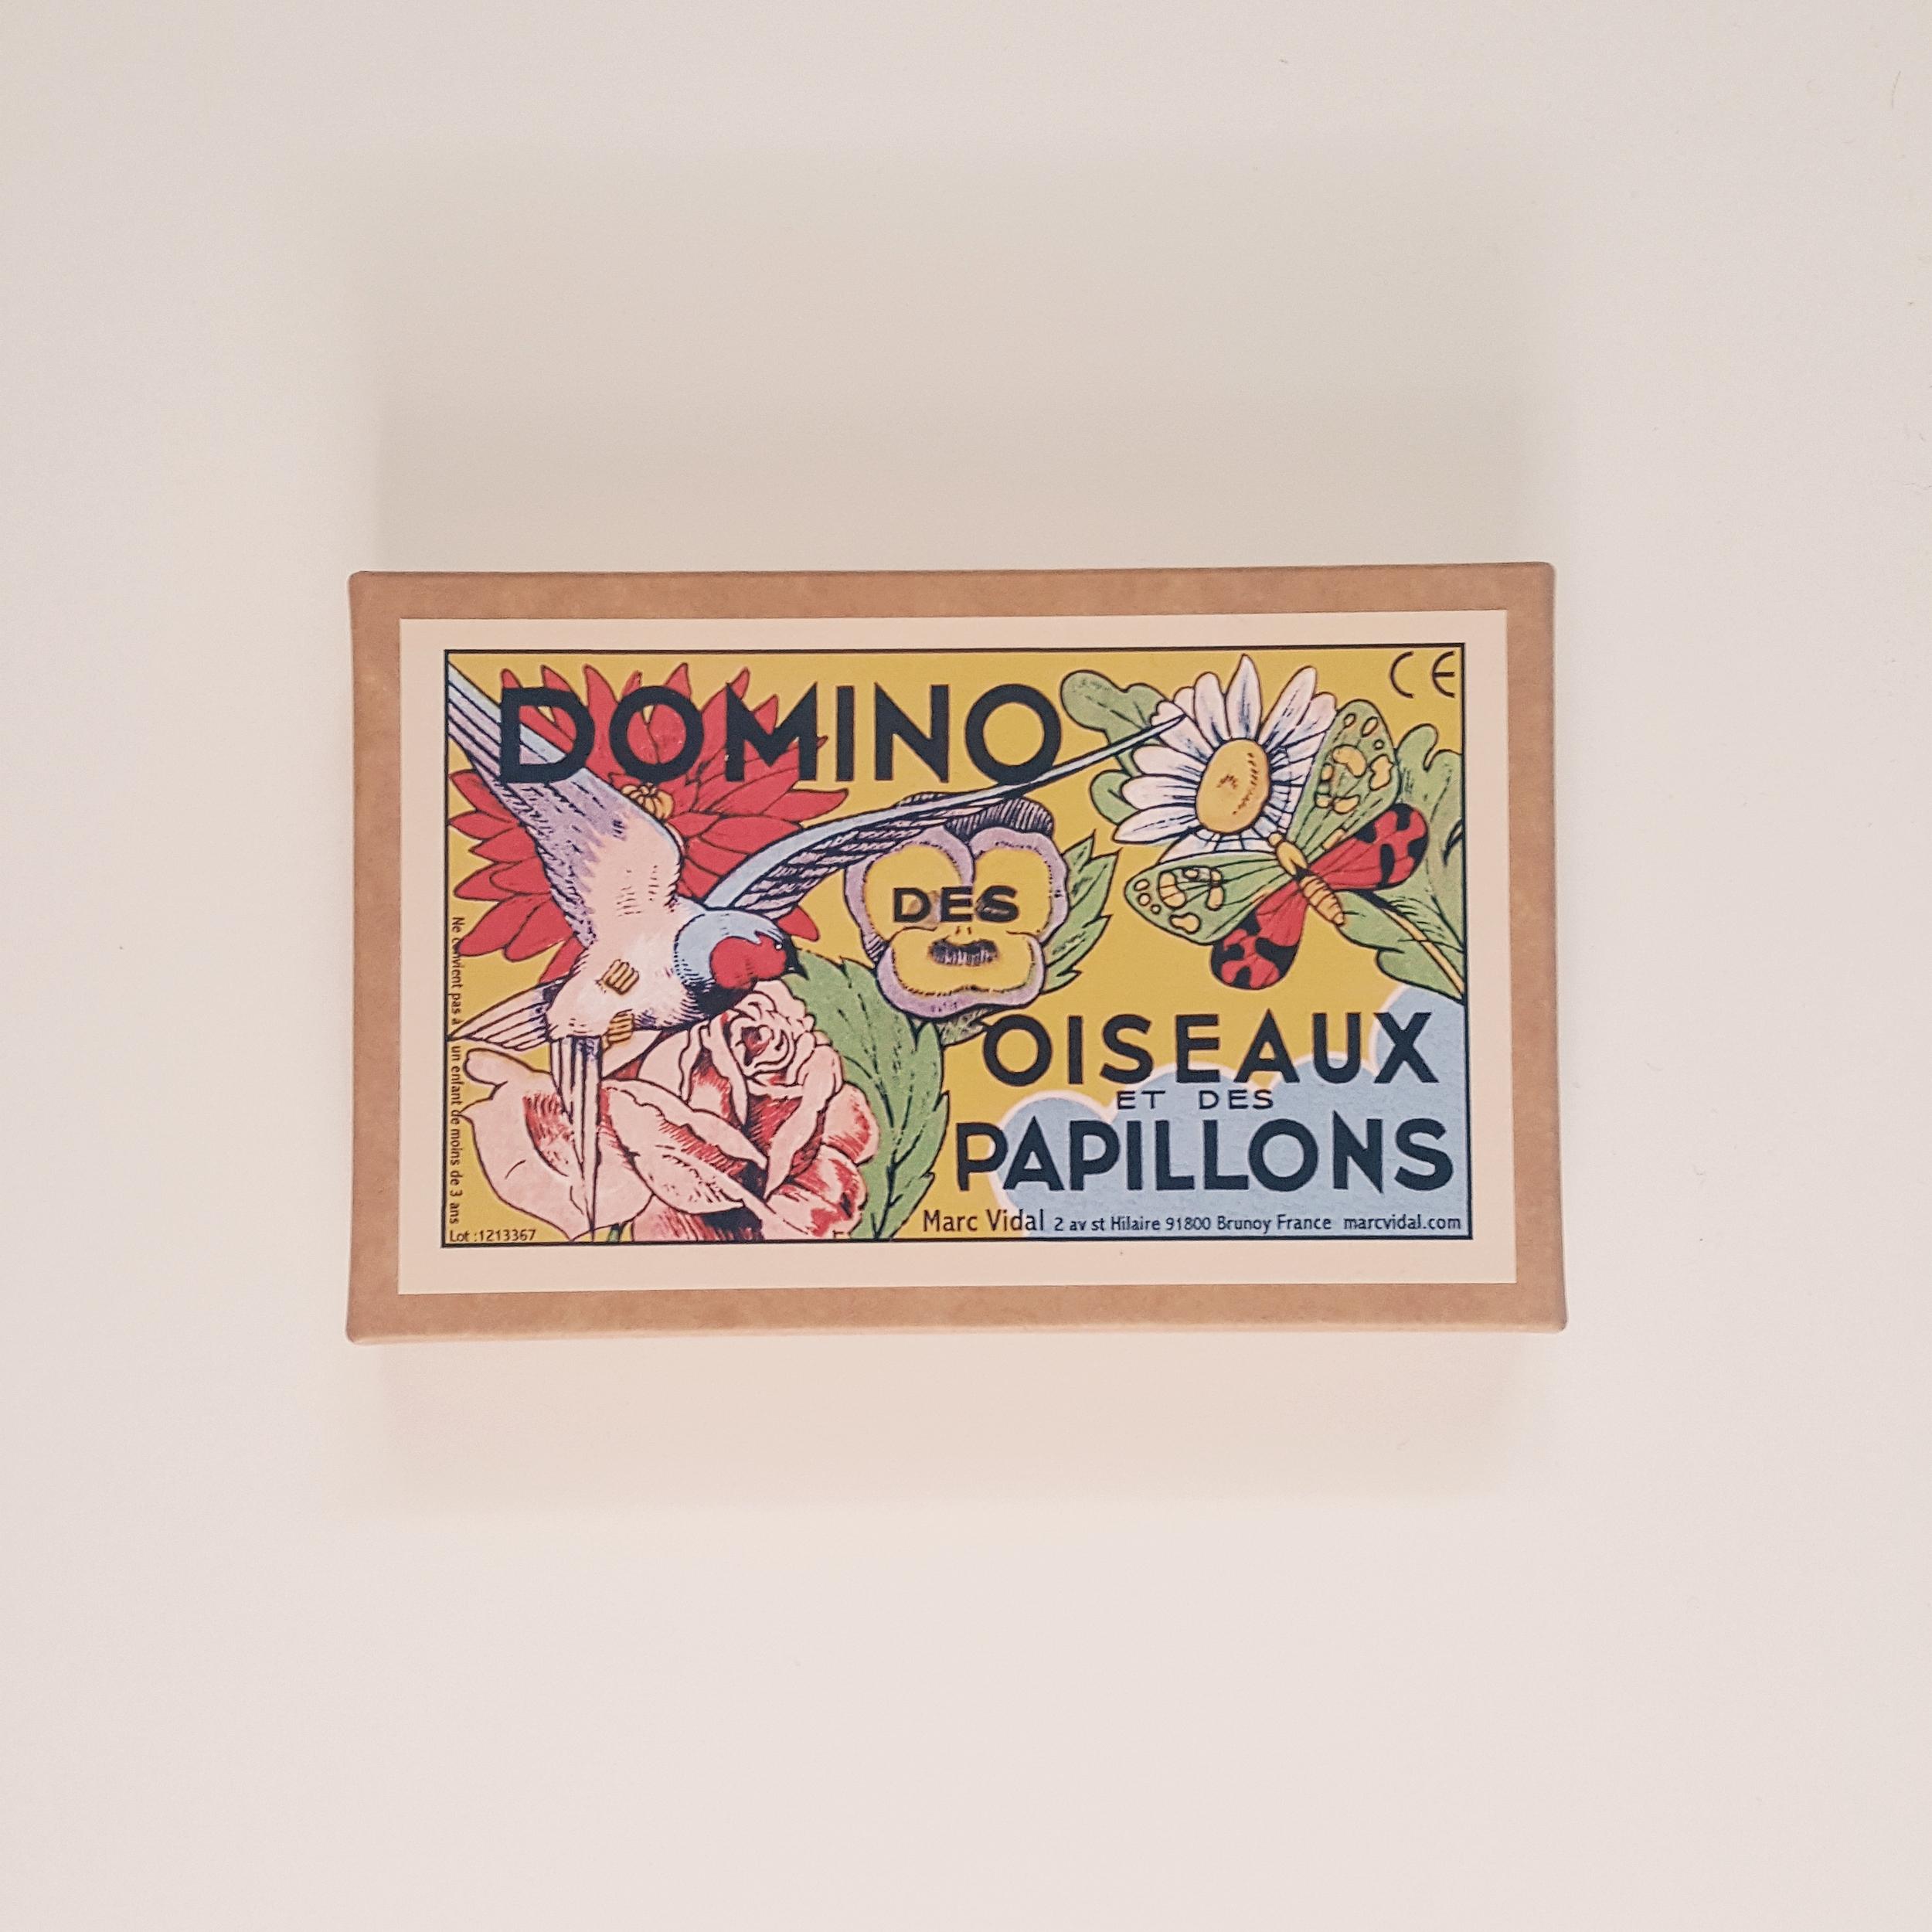 Domino des papillons et des oiseaux